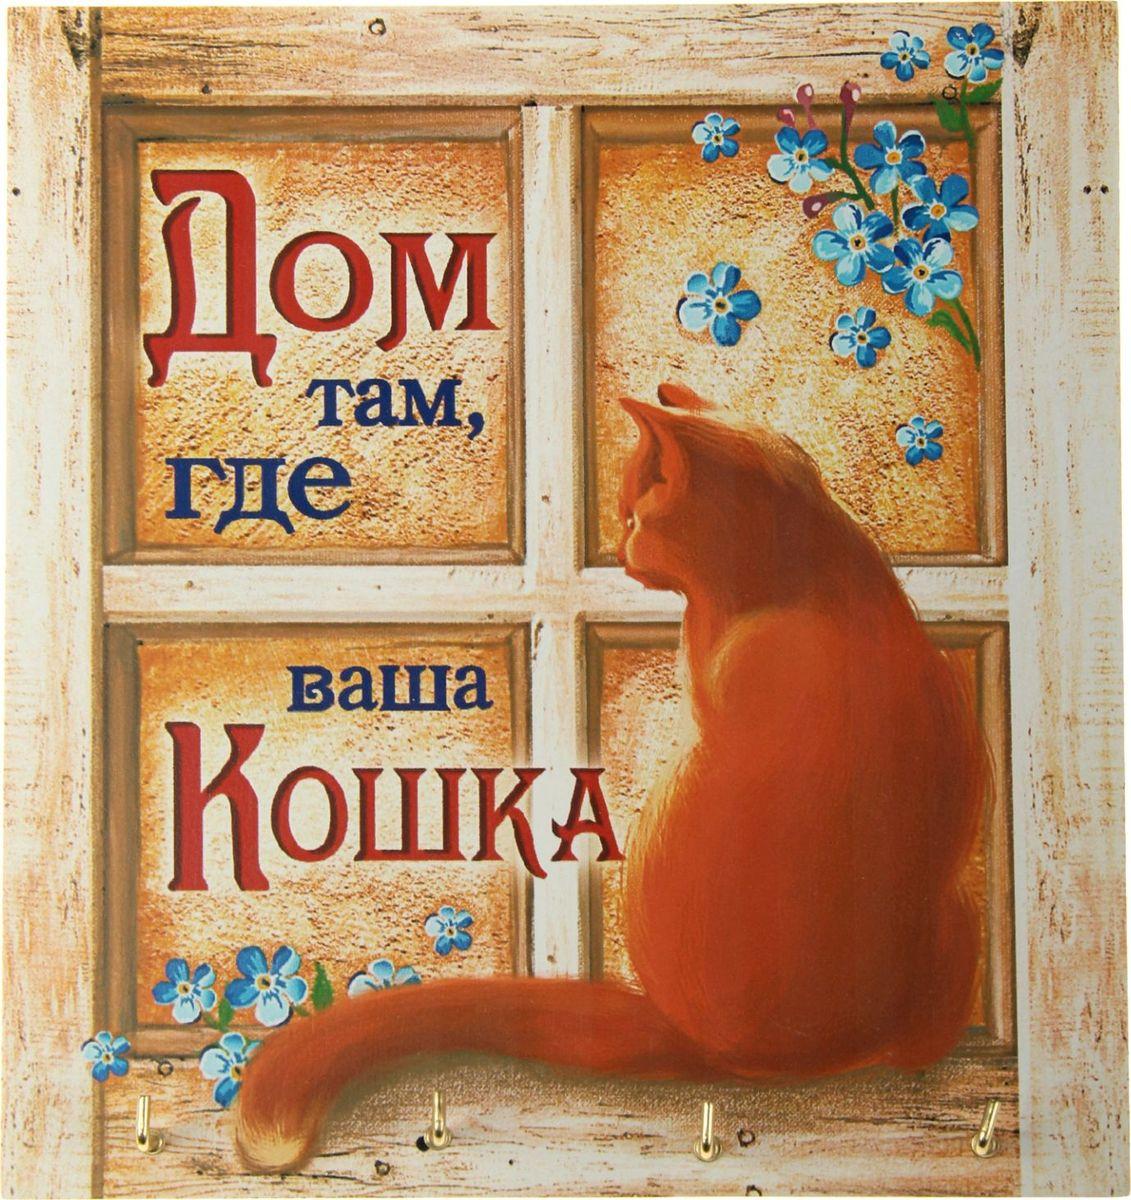 Ключница настенная Дом там, где ваша кошка, 15,7 х 15,1 х 2 см841664Ключница Дом там, где ваша кошка станет полезным и очень красивым приобретением для вашего дома. Прикрепите ее на удобное место в прихожей, и ваши ключи всегда будут под рукой. Изделие изготовлено из дерева с цветной печатью по всей поверхности. Имеет четыре надежных металлических крючка золотистого цвета, на которых удобно разместятся драгоценные ключи. Оригинальная подарочная упаковка делает этот предмет интерьера полноценным подарком по поводу и без. Интересное высказывание и оригинальный рисунок эксклюзивного дизайна – яркий и гостеприимный штрих вашего дома.